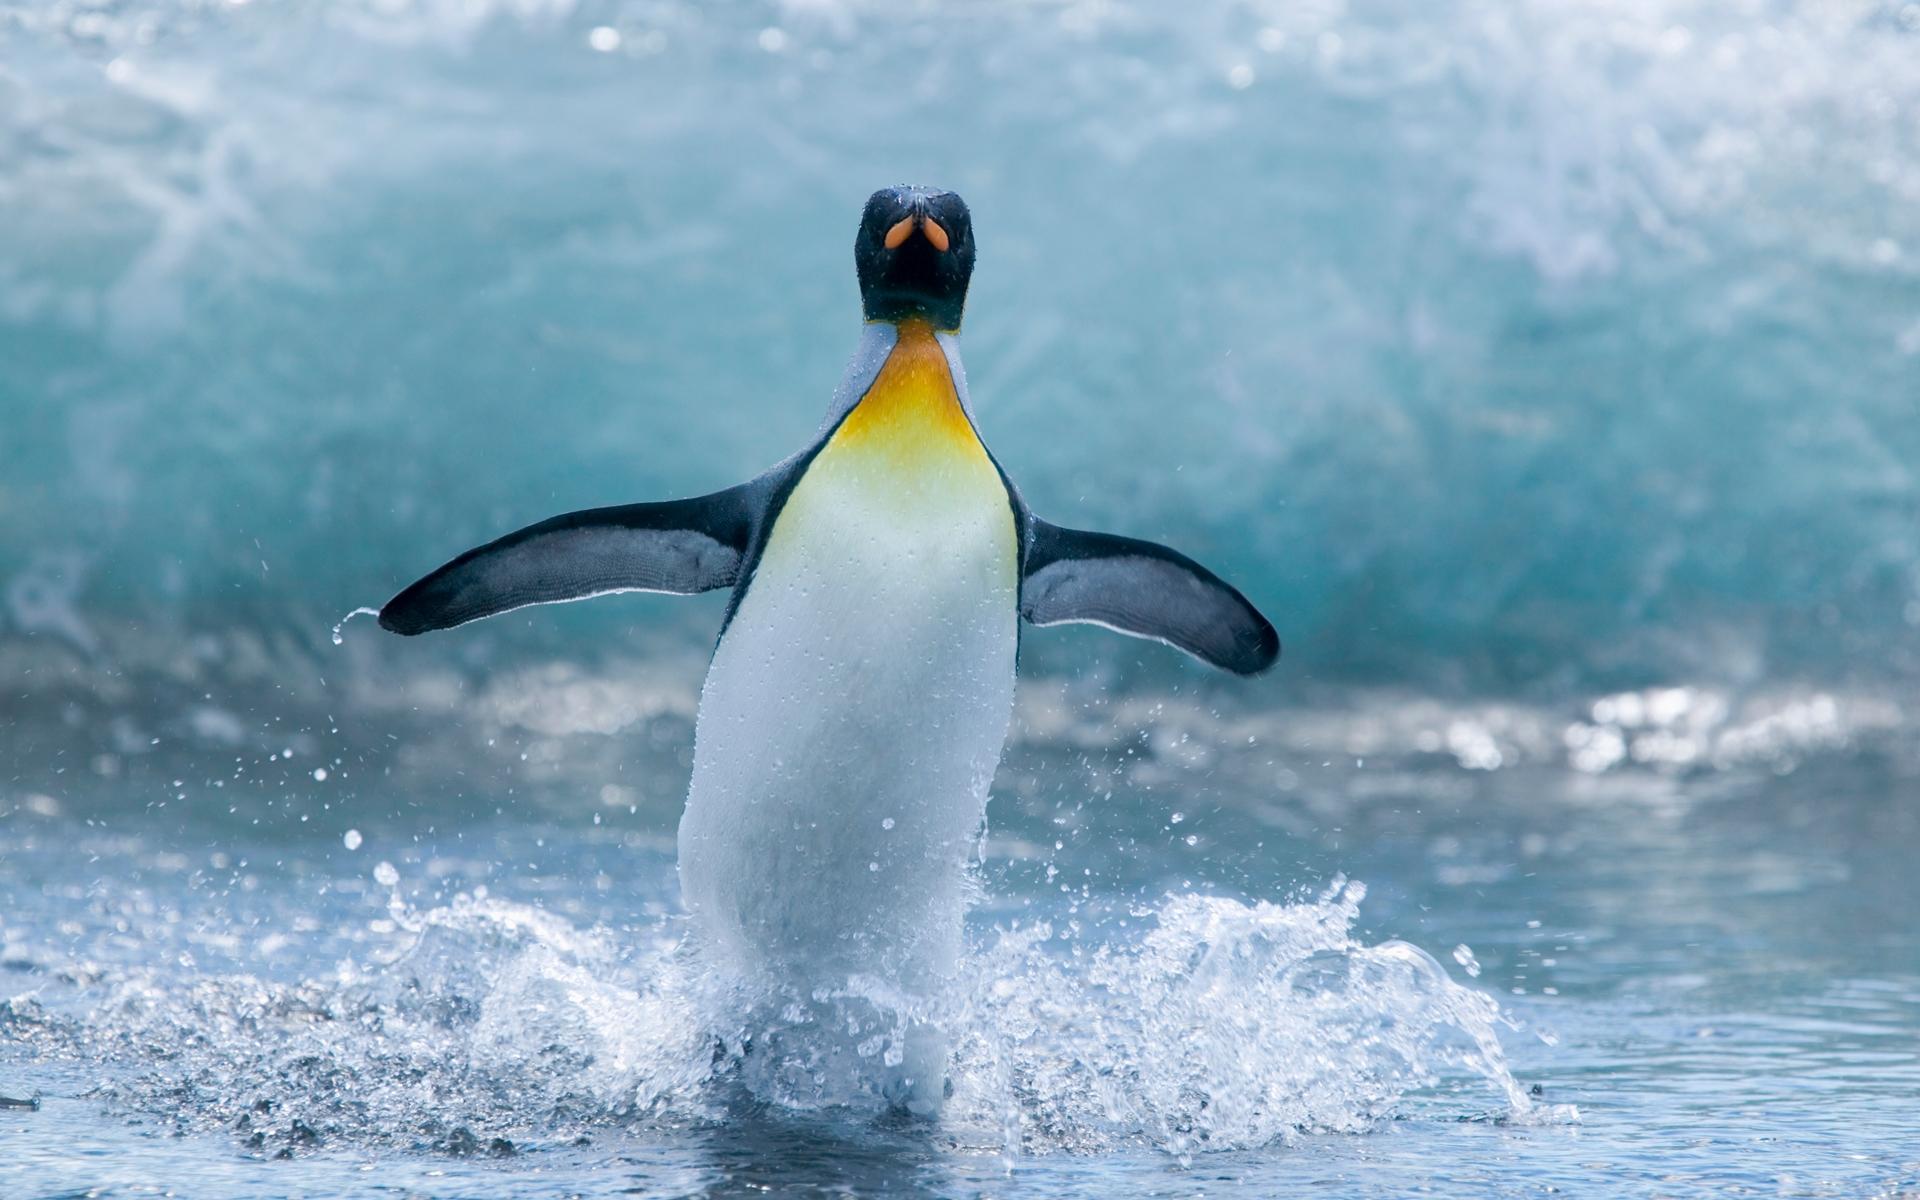 Пингвин в воде  № 96420 бесплатно